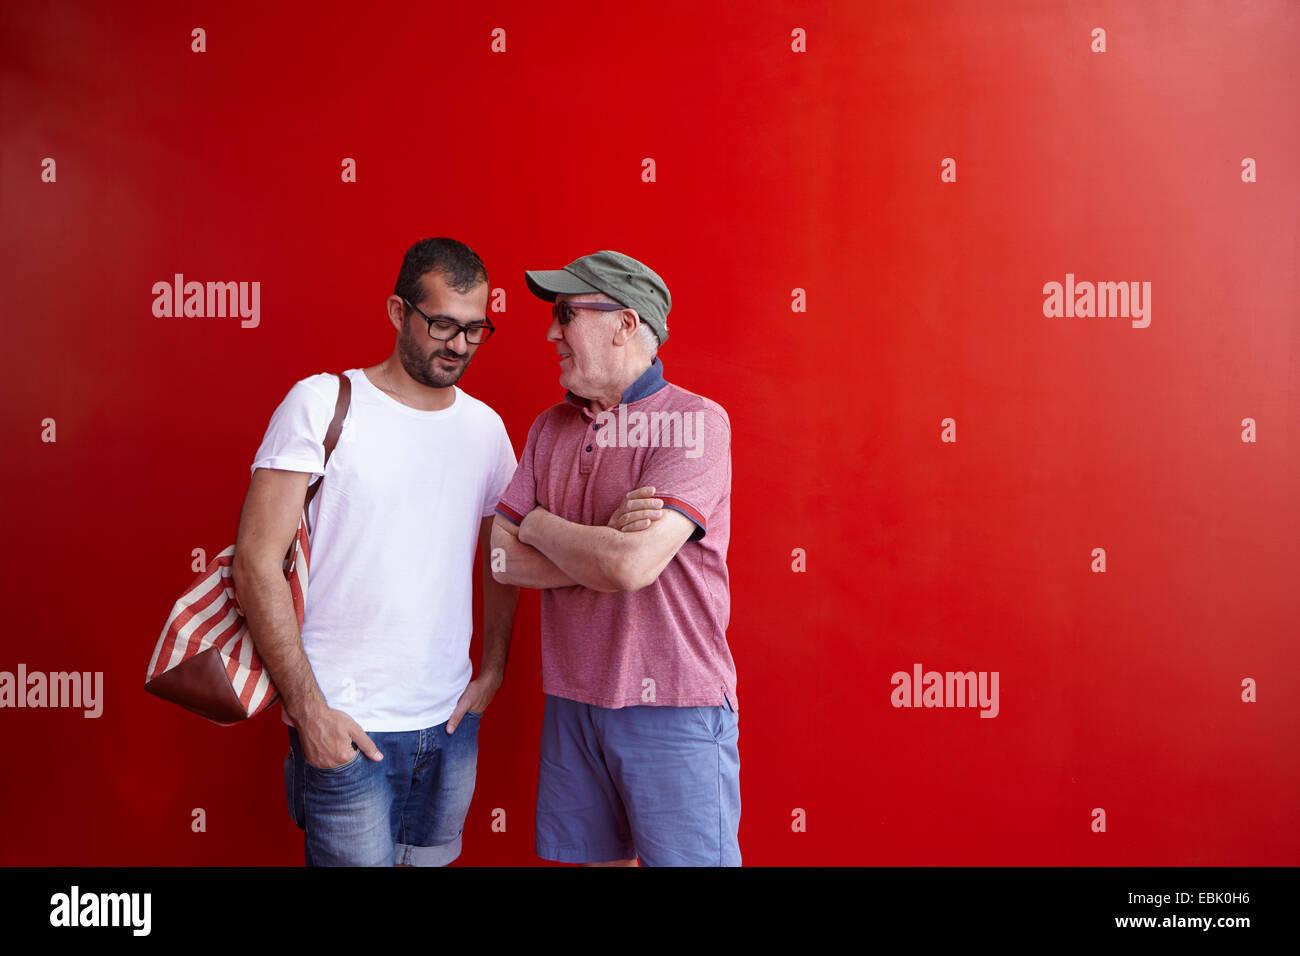 Mitad hombre adulto y senior hombre hablando, de pie contra el fondo rojo. Imagen De Stock